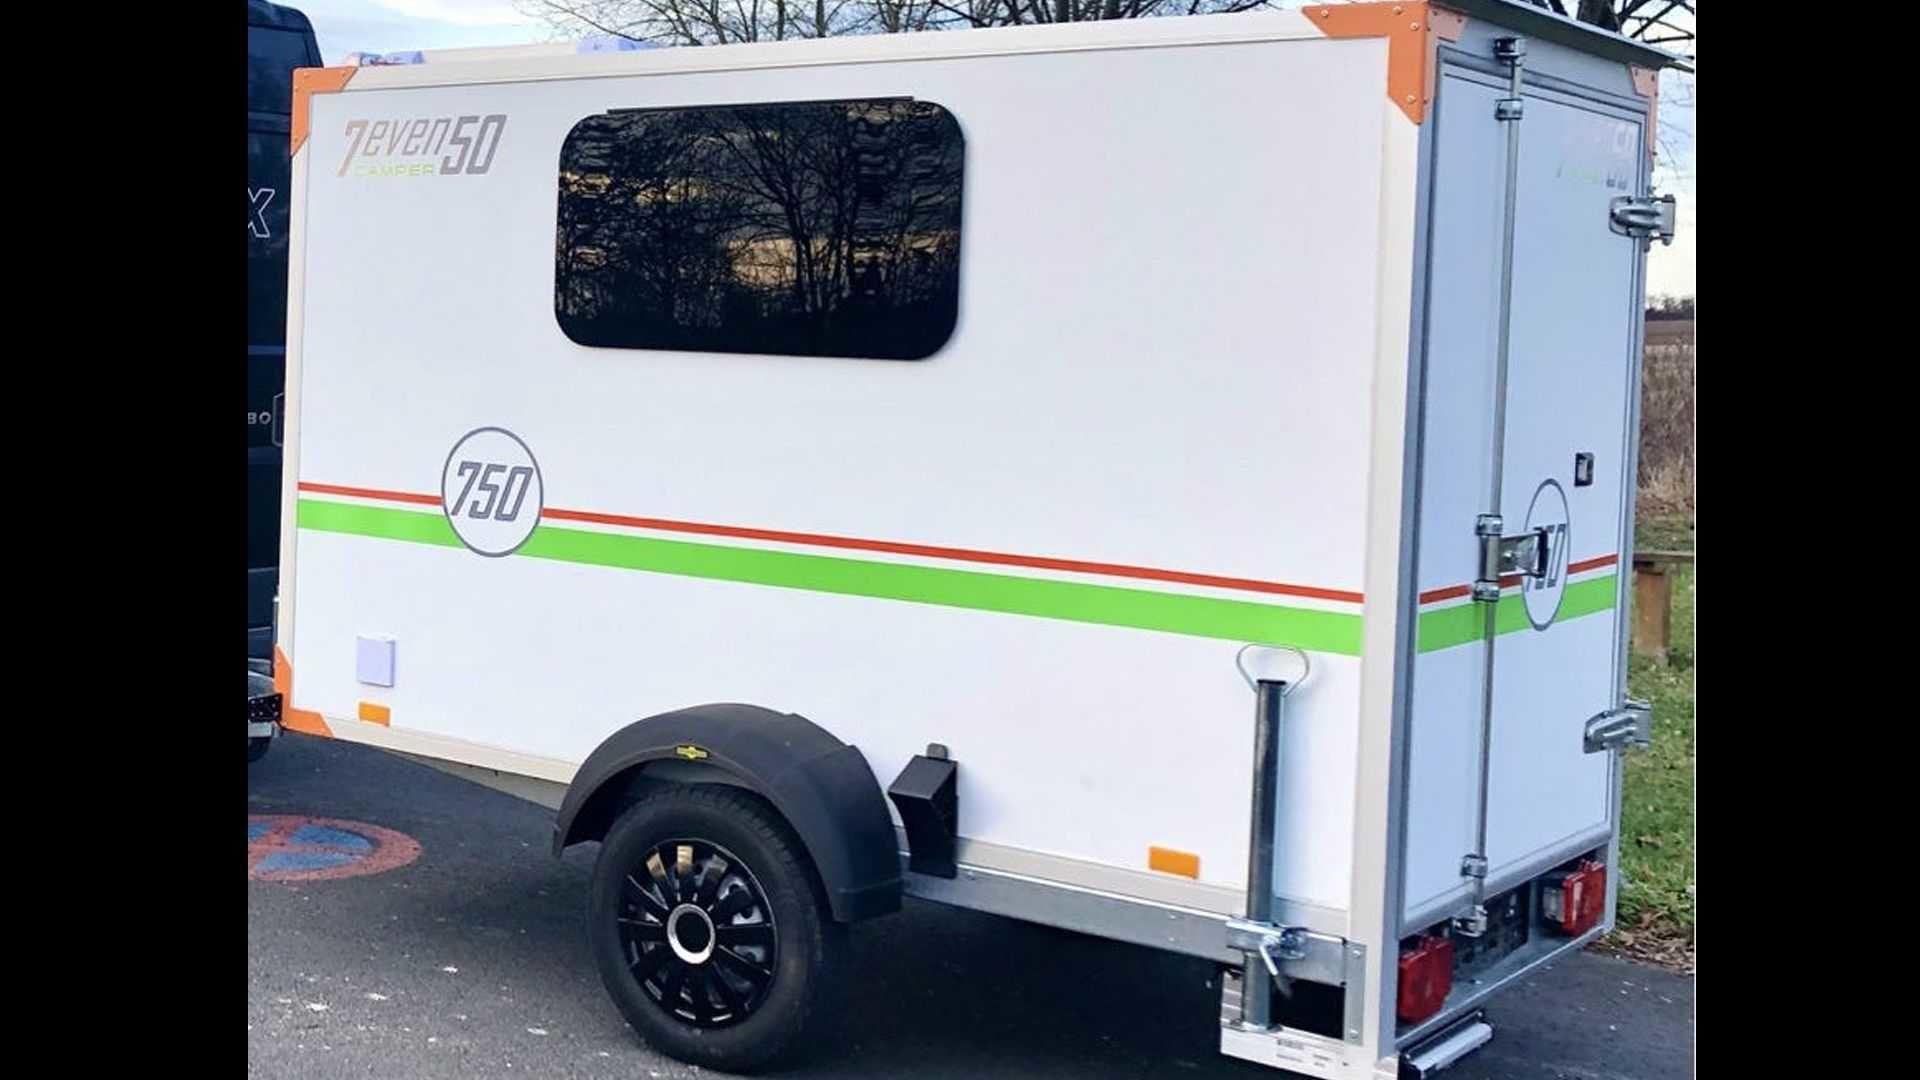 適合兩人使用的小型露營拖車「One」